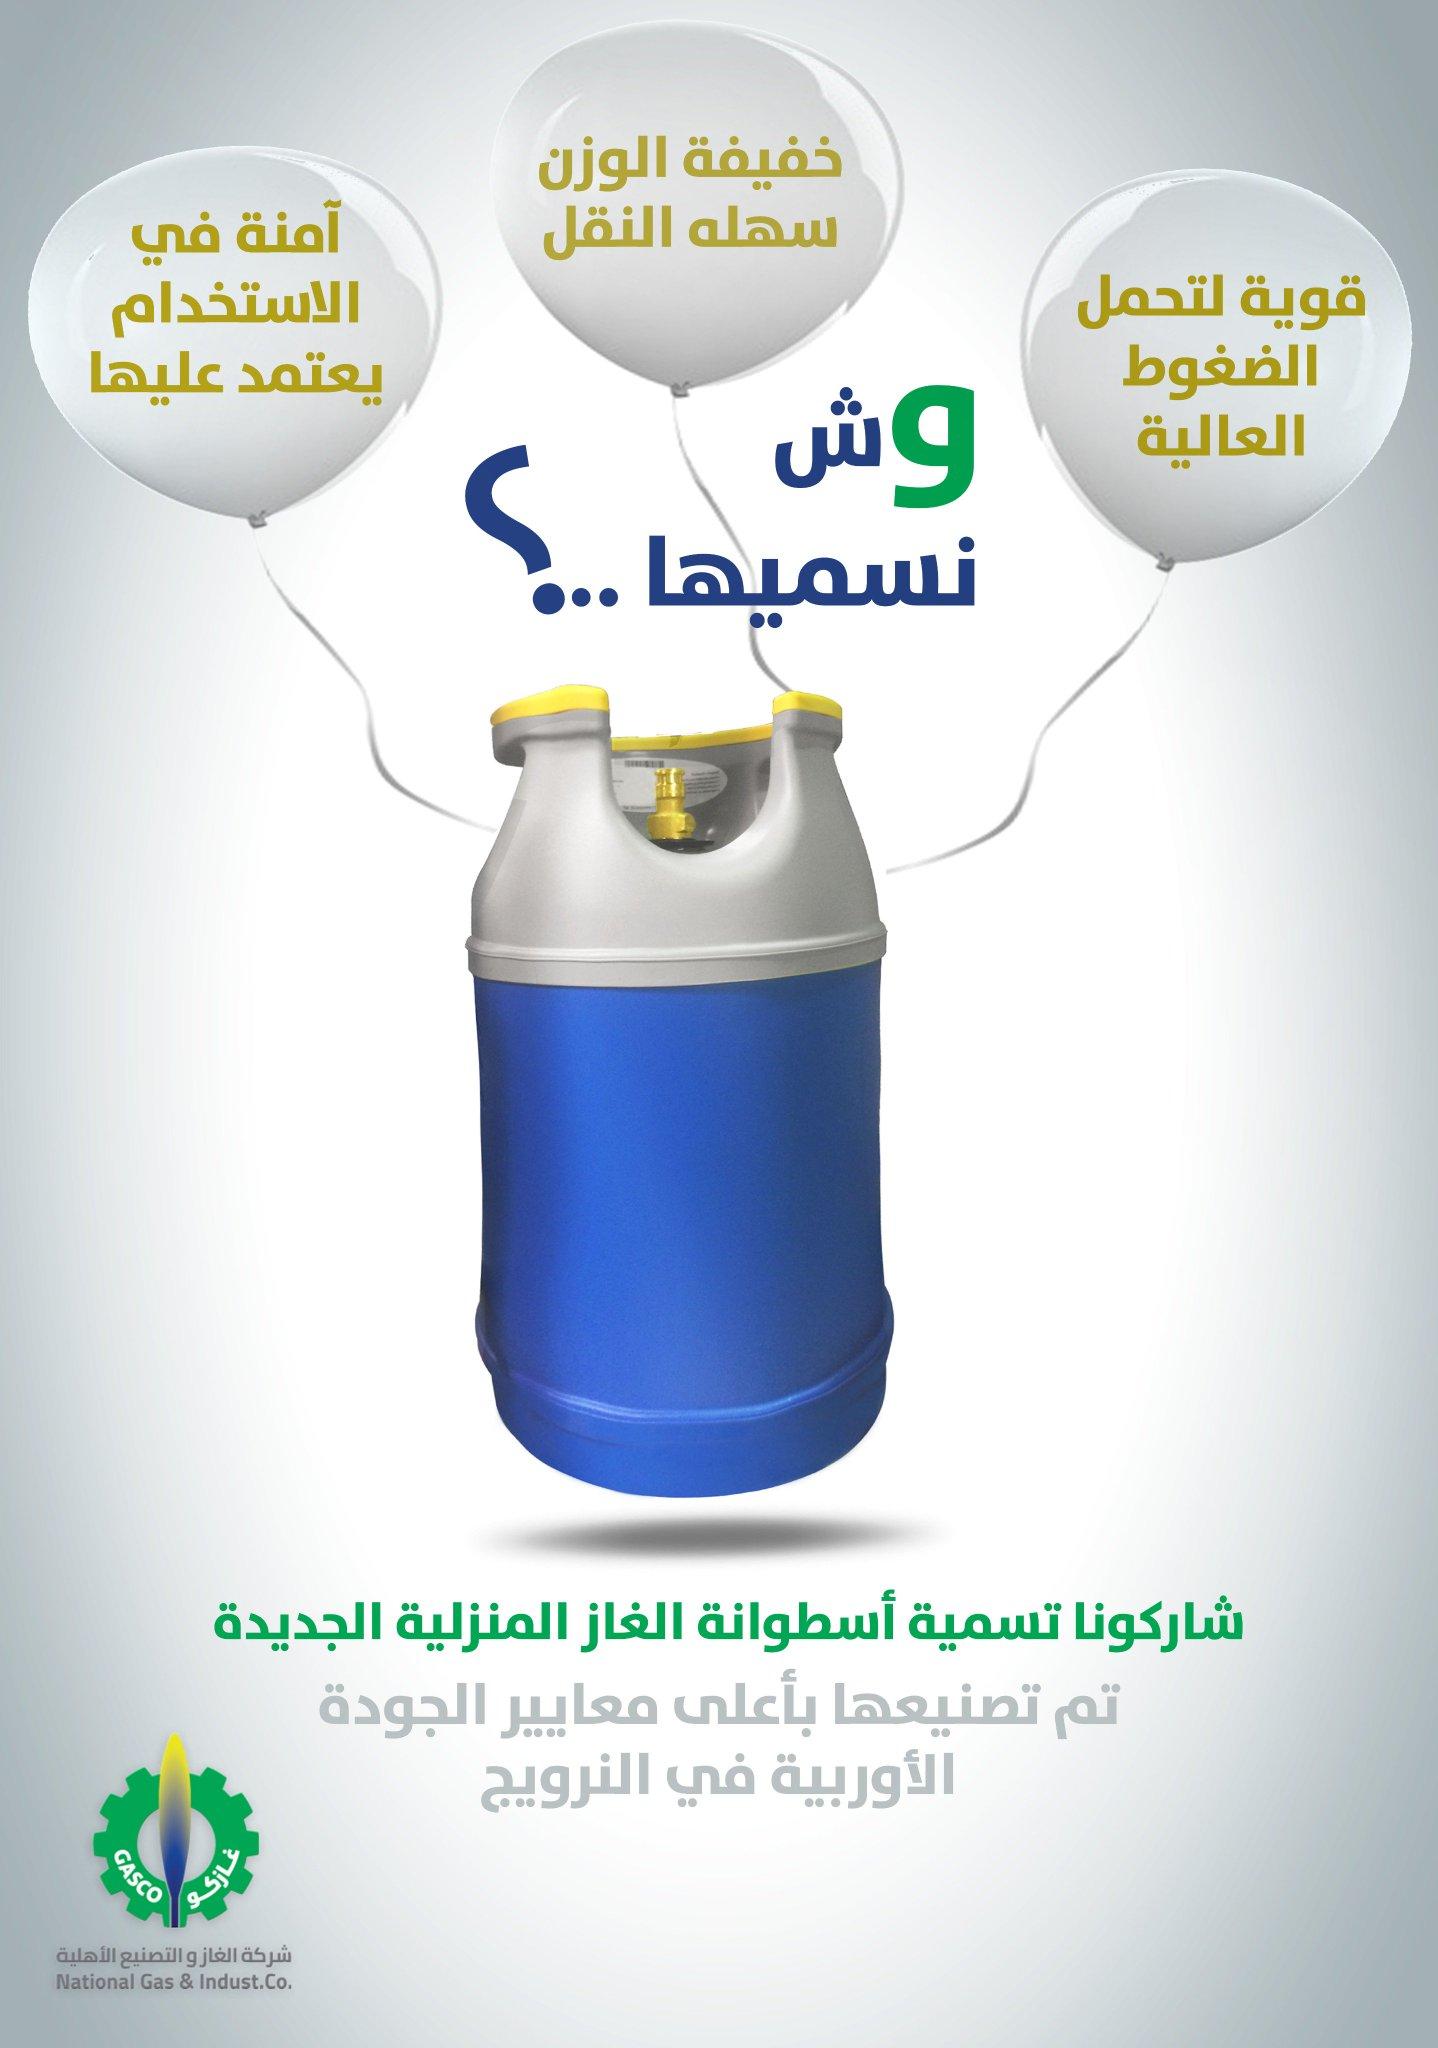 غـ ـا ز كـ ـو Twitterren هذي اسطوانة الغاز المنزلية الجديدة بس وش نسميها شاركوا غازكو في تسميتها